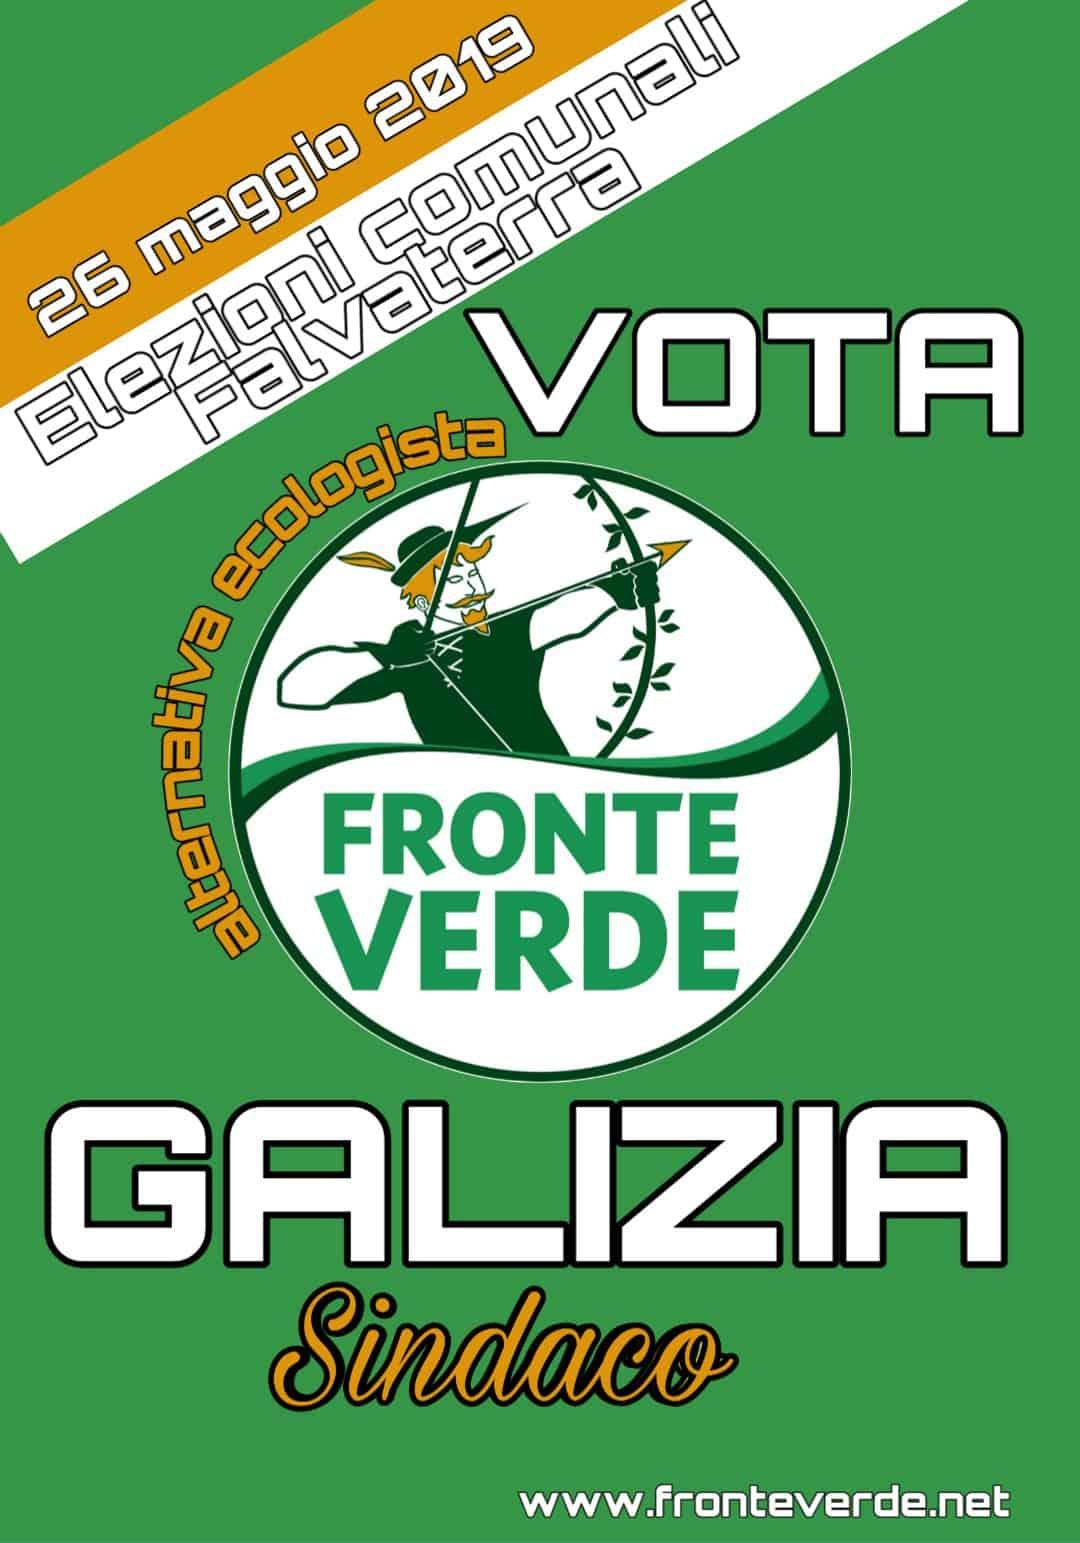 https://www.fronteverde.net/speciale-elezioni-2019/